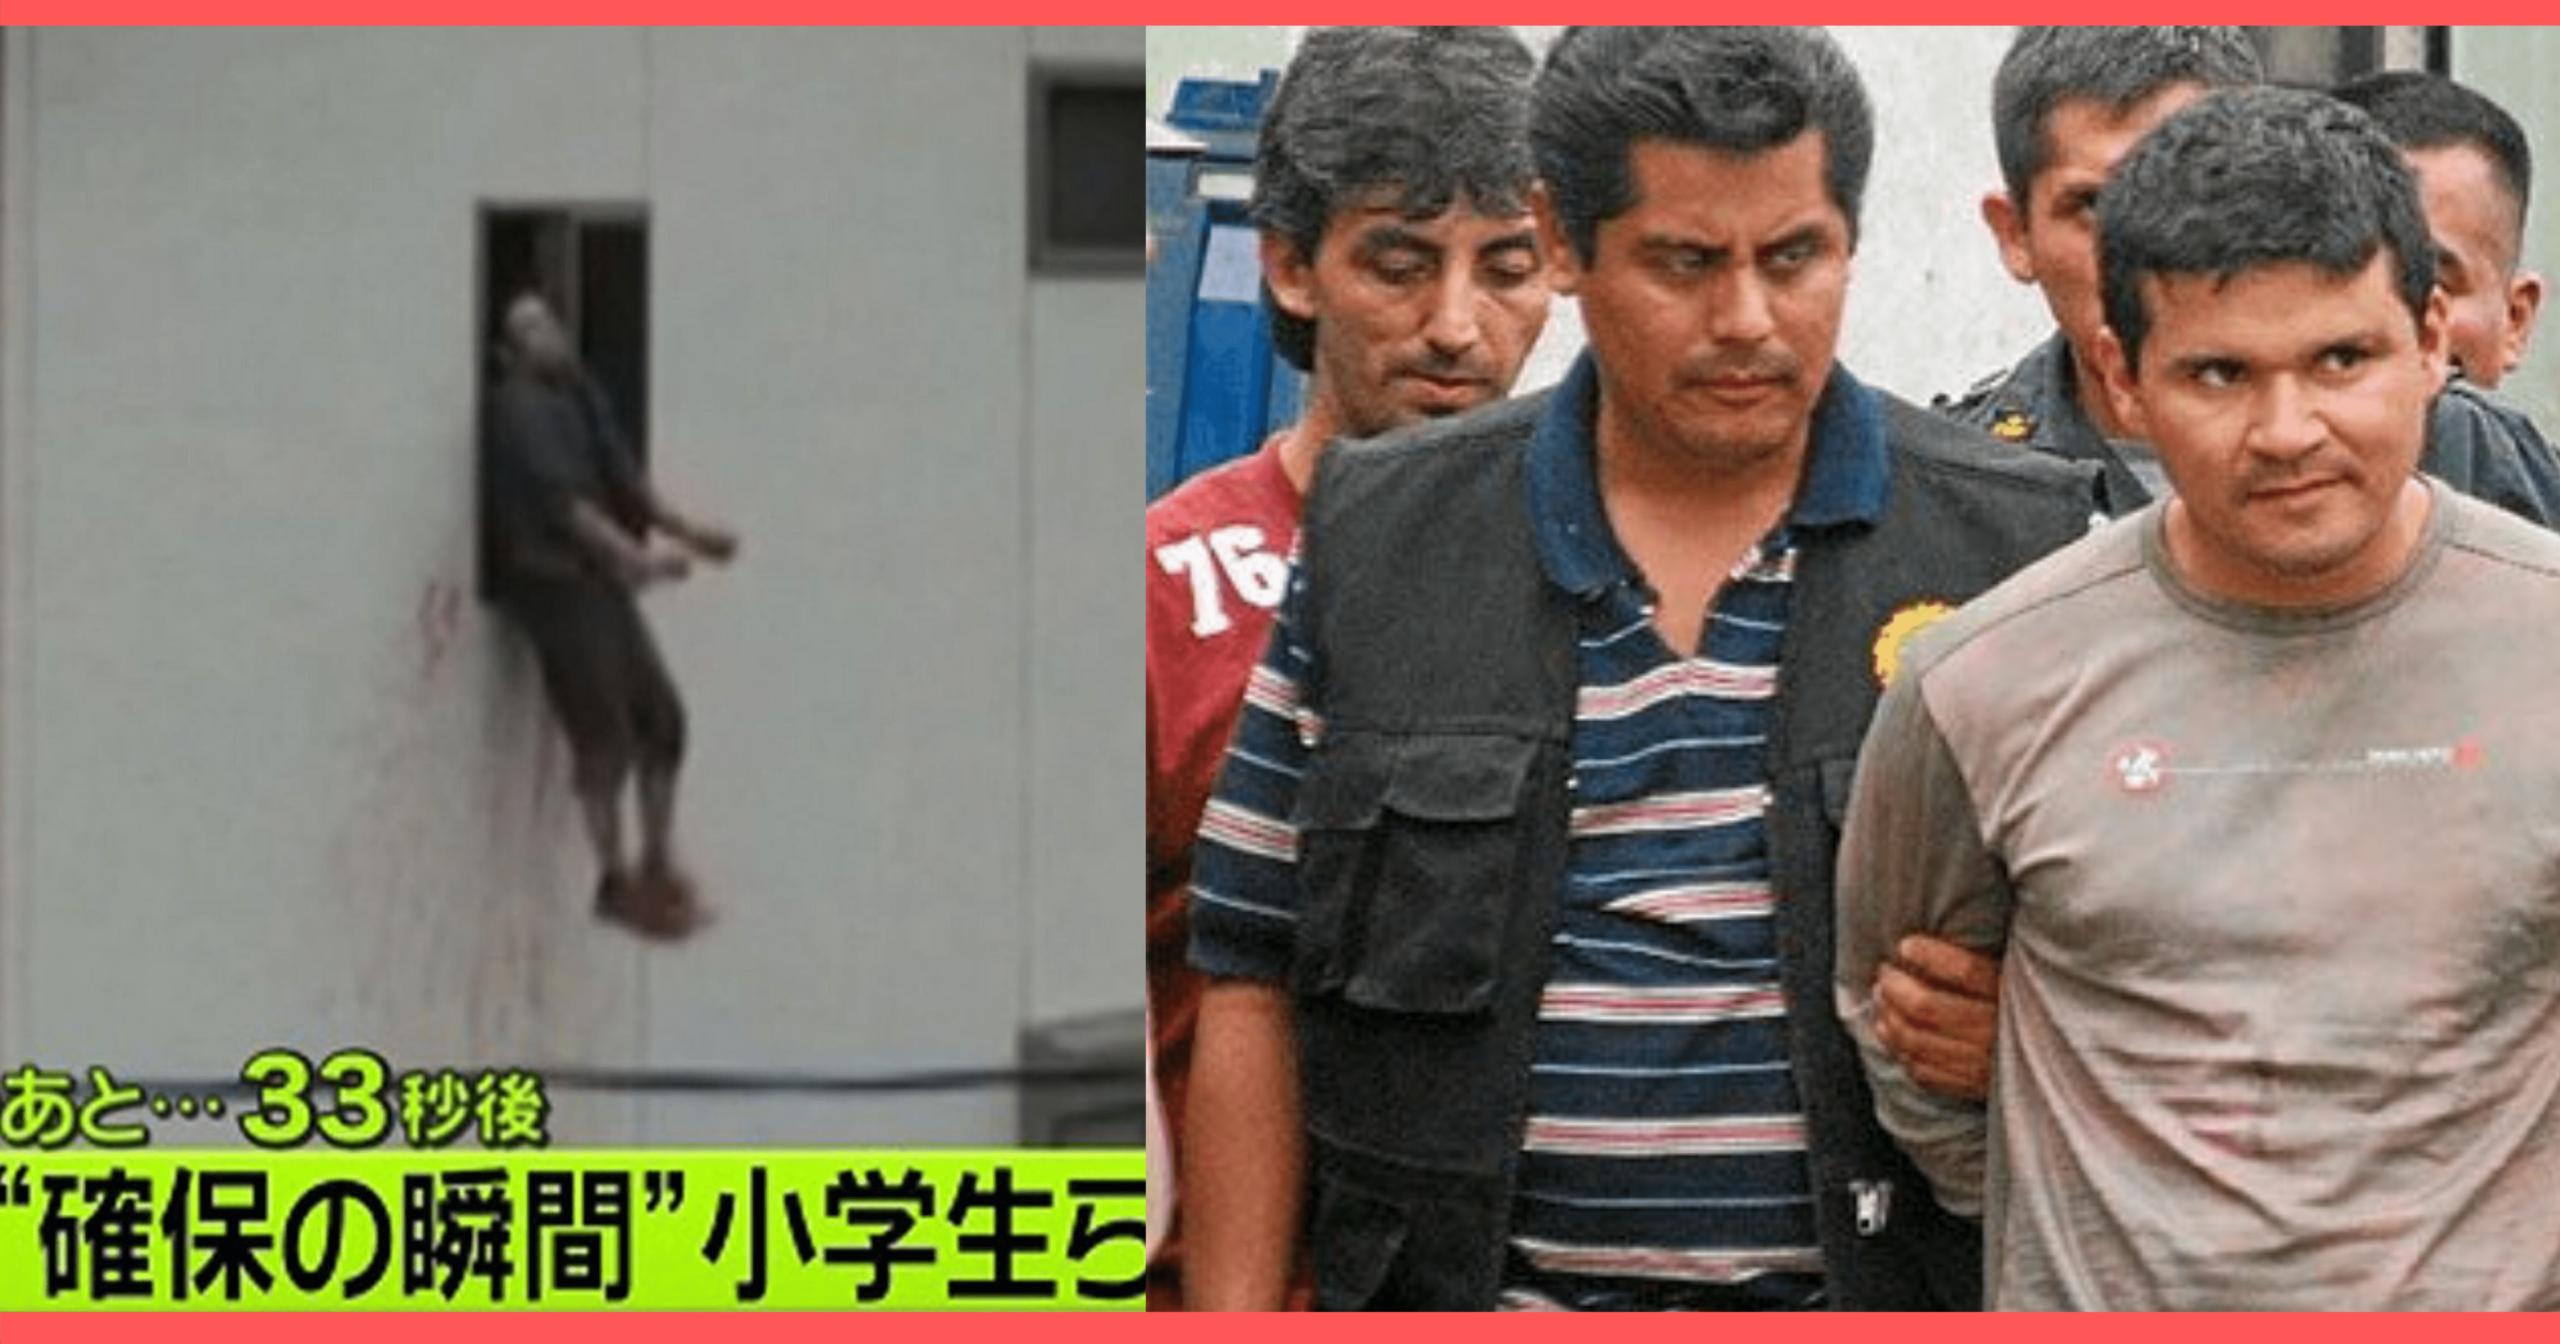 熊谷 ペルー 人